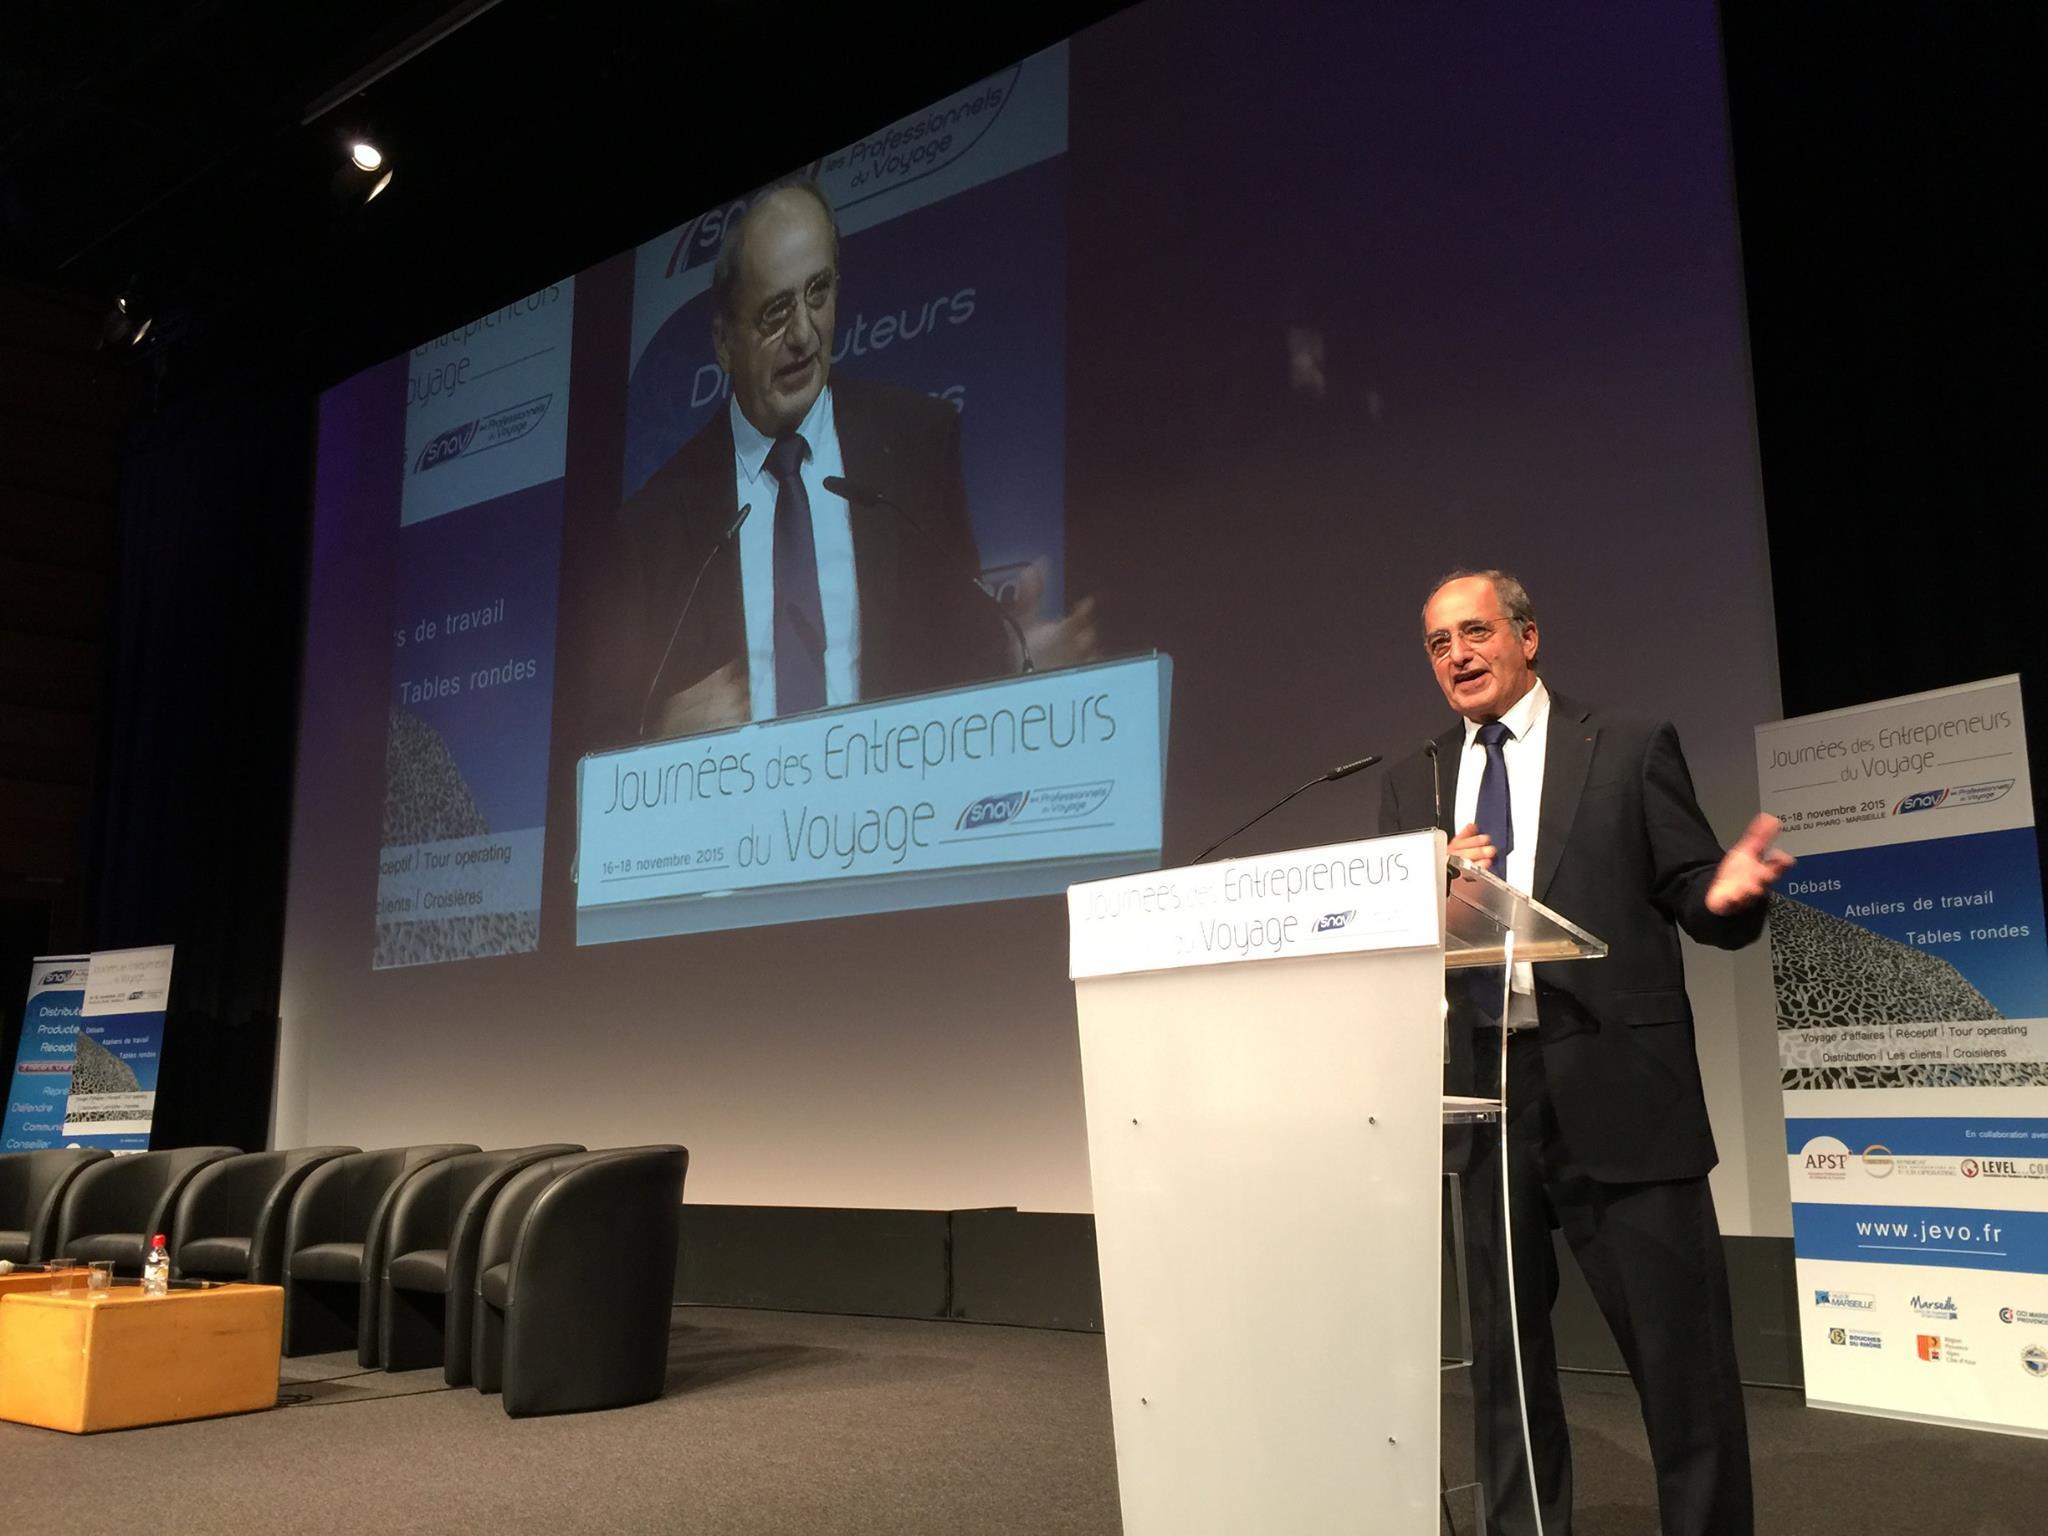 """Congrès du SNAV :  """"Notre monde vit des bouleversements considérables"""", selon J.-P. Mas (live)"""